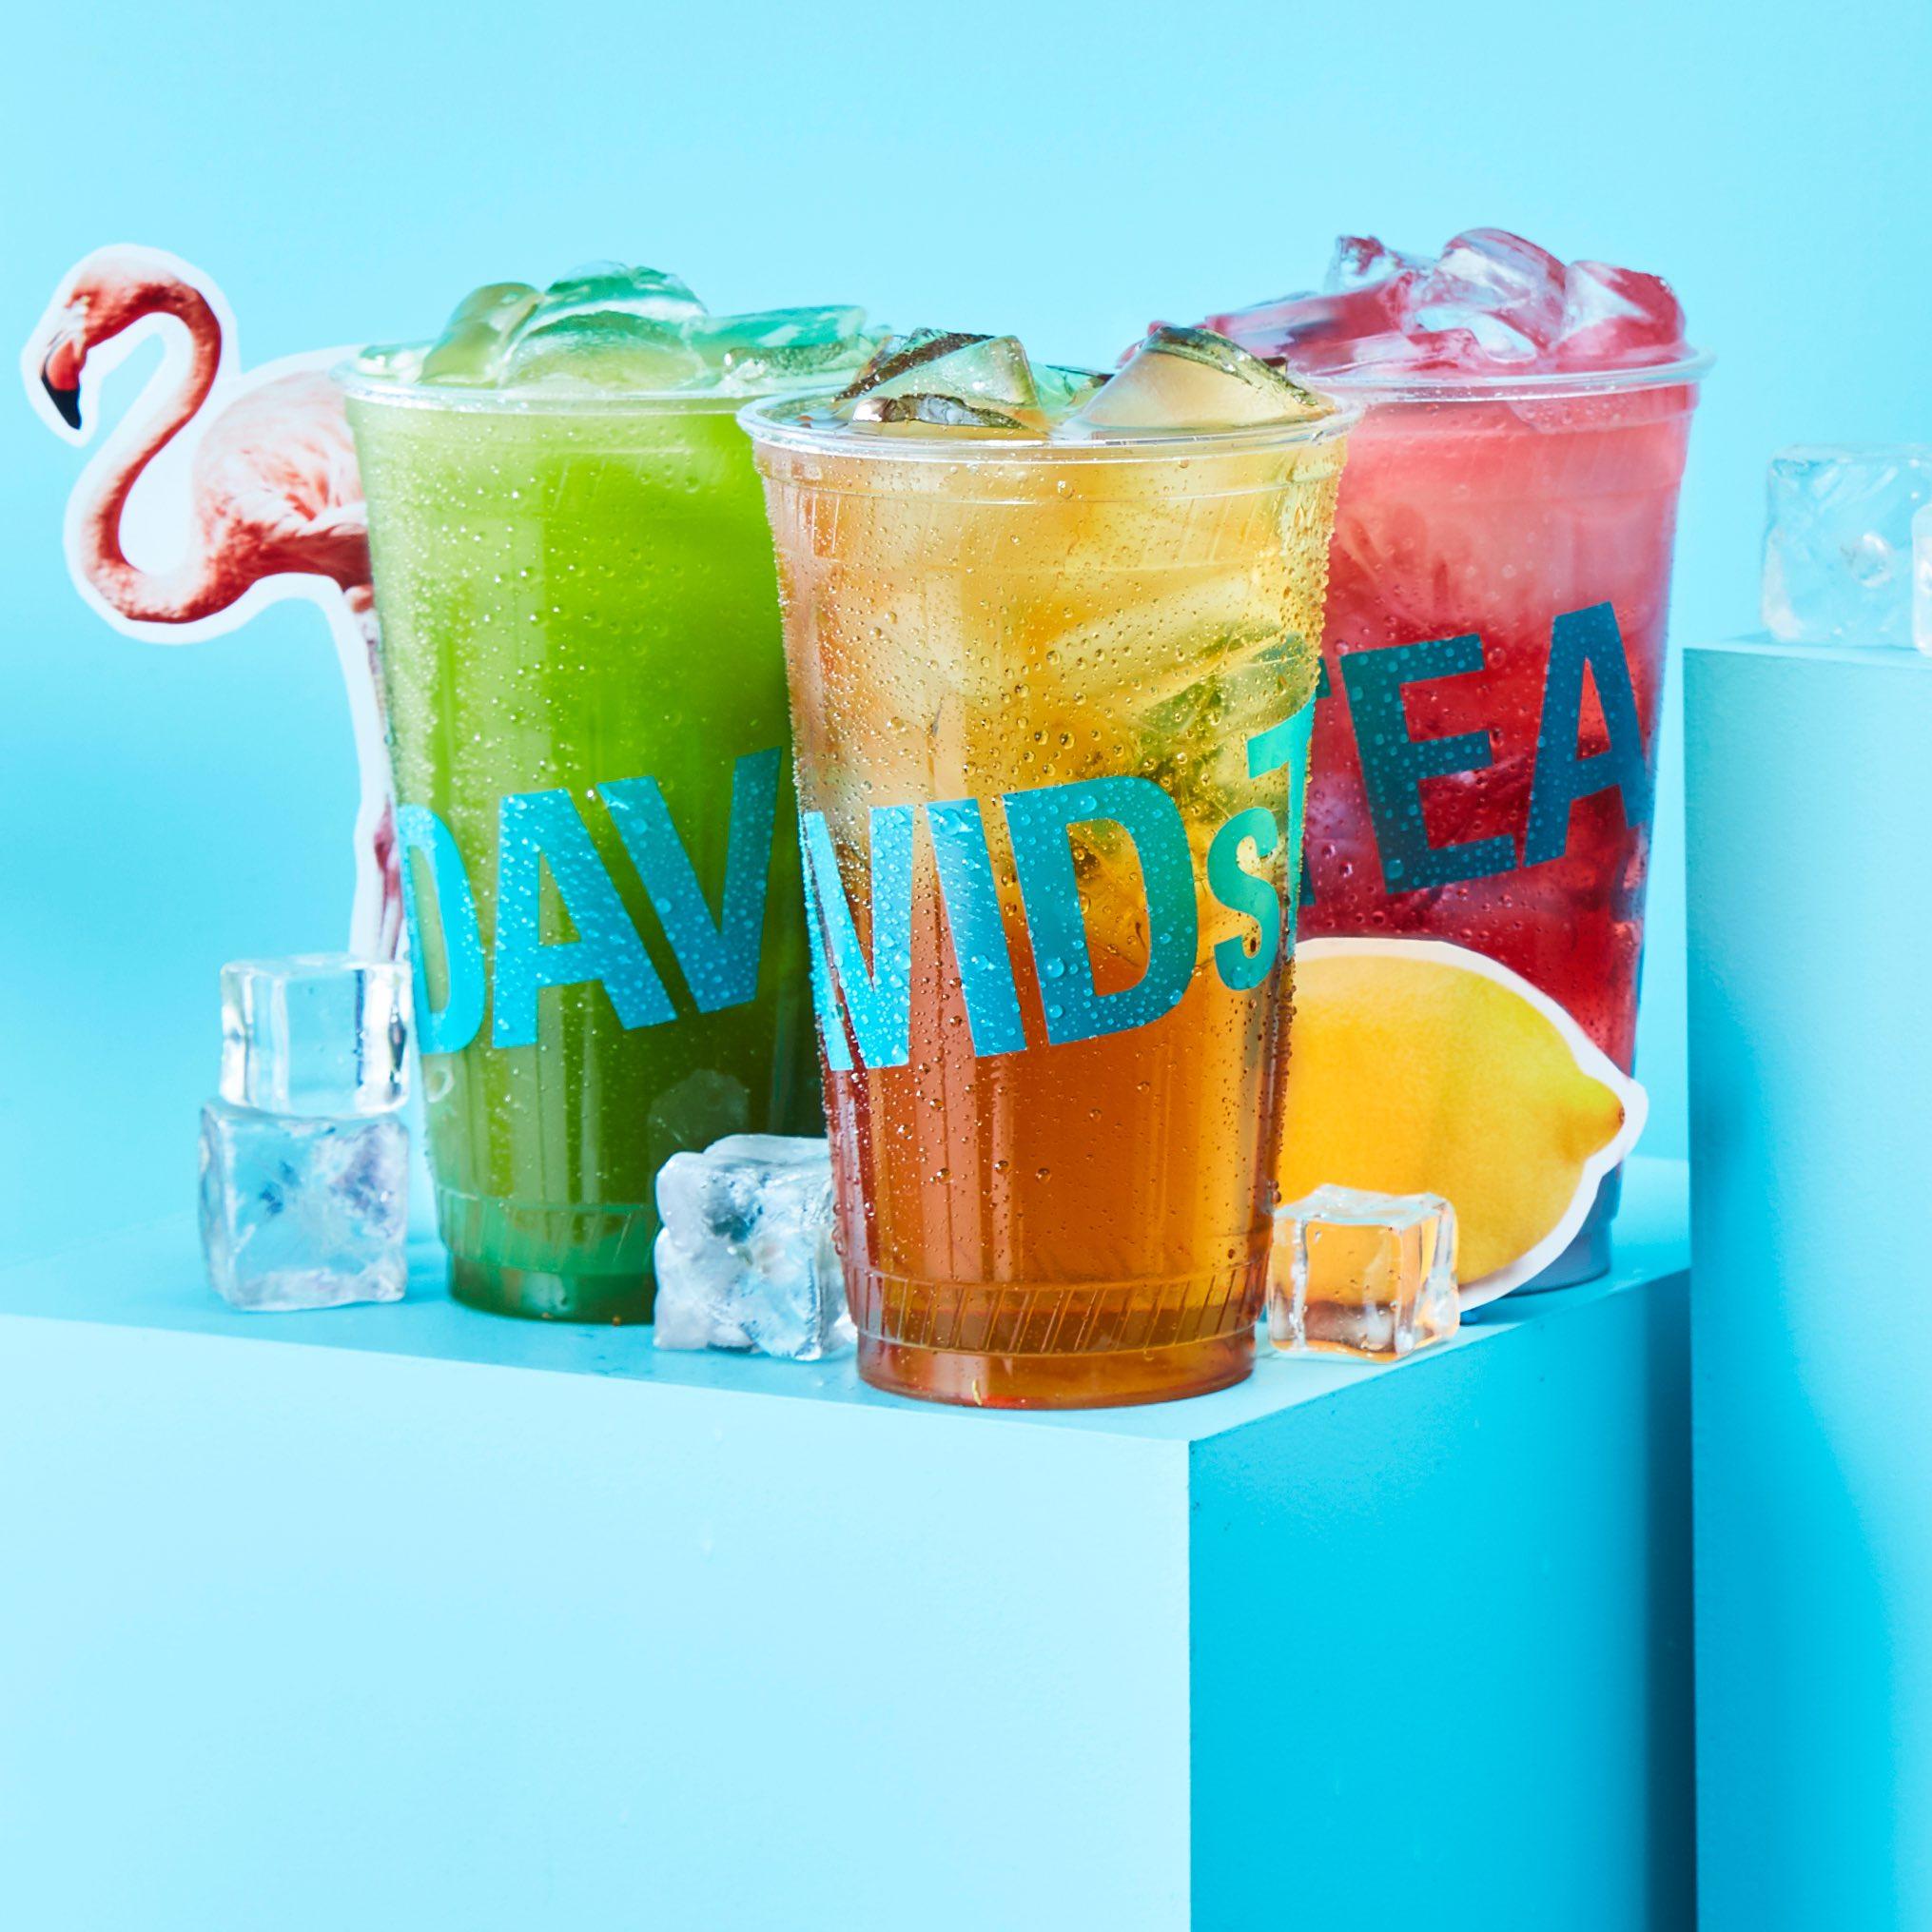 Trois thés glacés dans des tasses pour emporter transparentes : thé matcha glacé, thé noir glacé et thé glacé sans caféine.